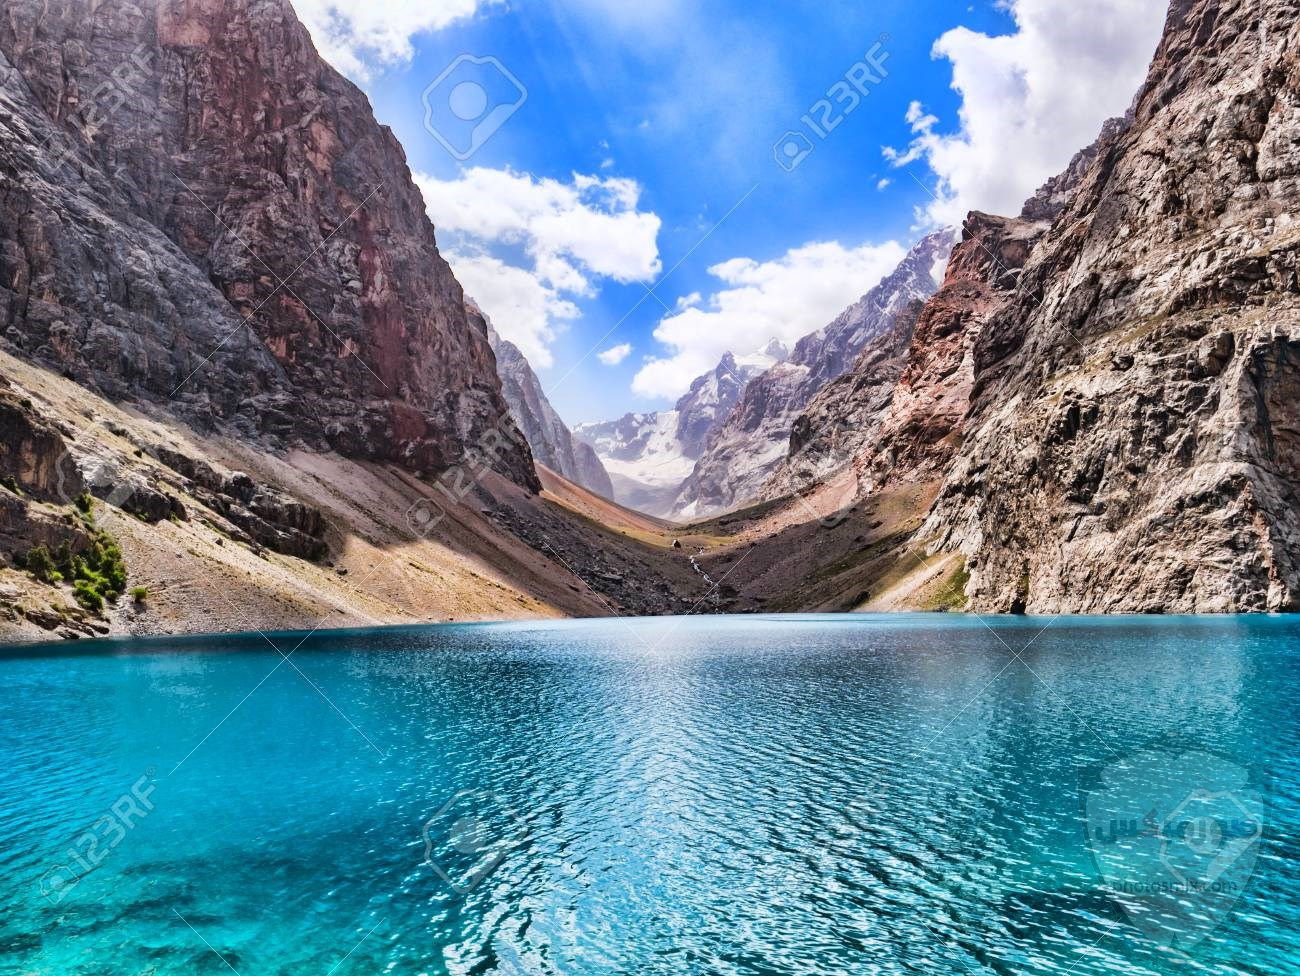 بالصور.. شلالات المياه تزين جبال سانت كاترين 7